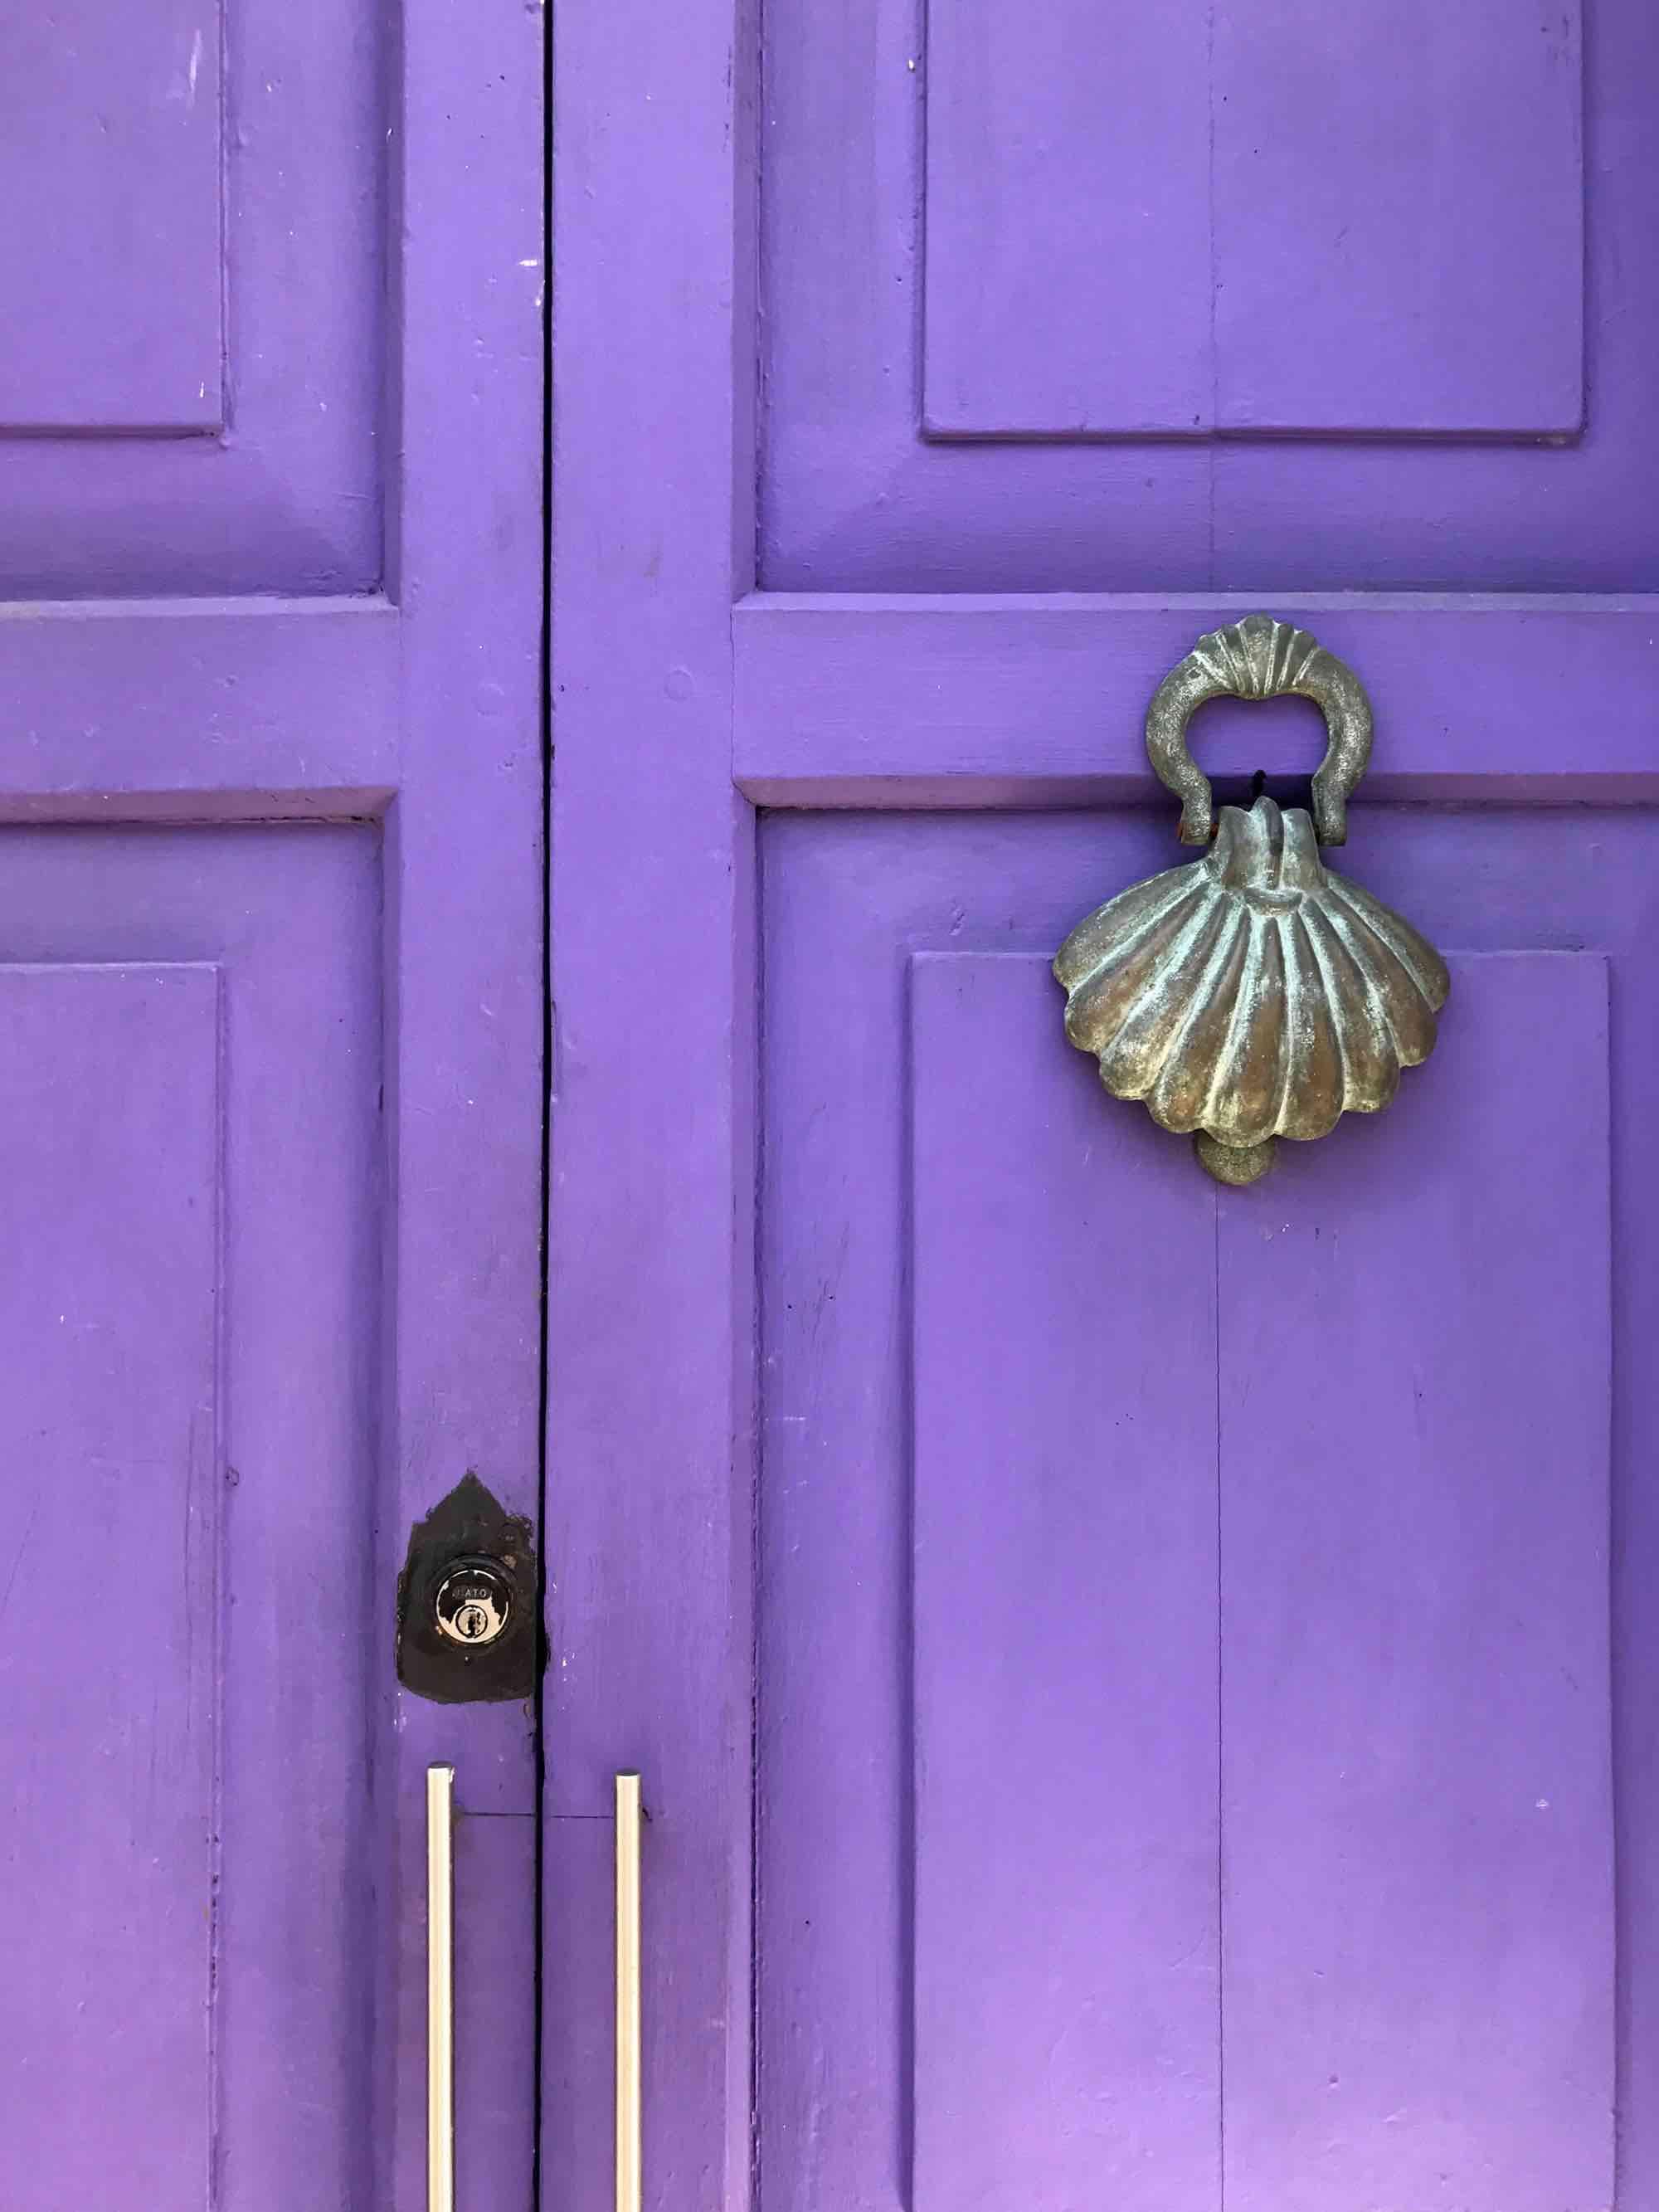 seashell door knocker | Doors and Door Knockers of Cartagena, Colombia | pictures of Cartagena, Colombia